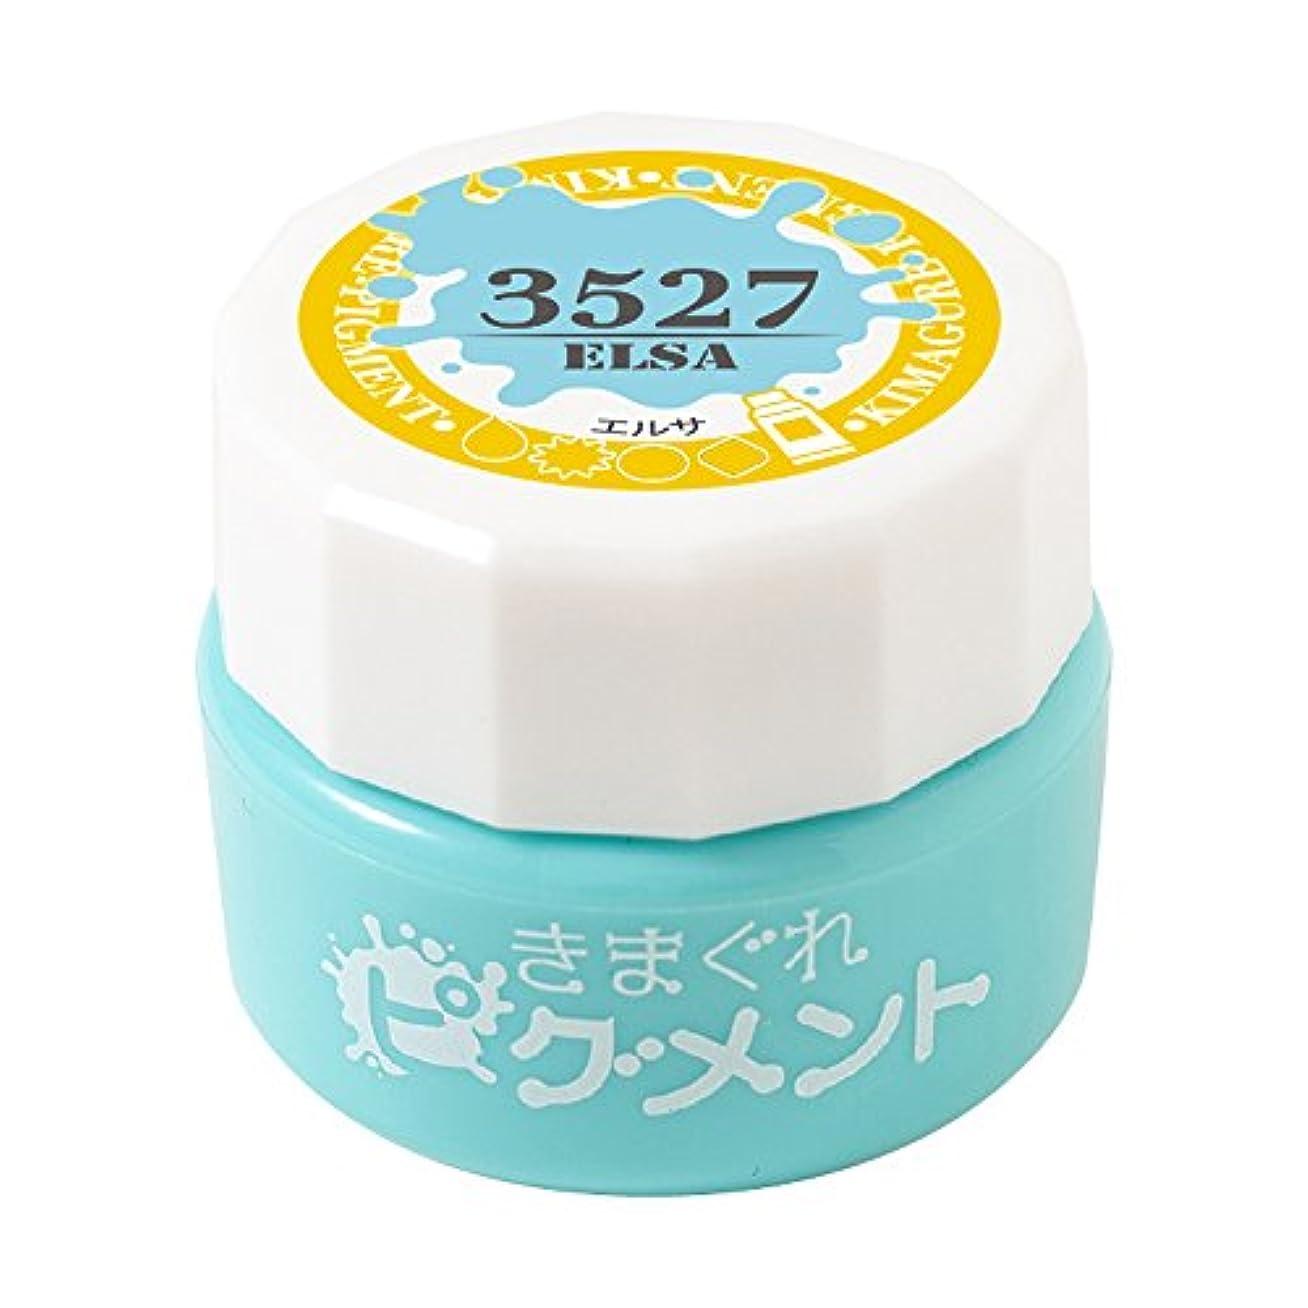 ささいなペン圧縮するBettygel きまぐれピグメント エルサ QYJ-3527 4g UV/LED対応